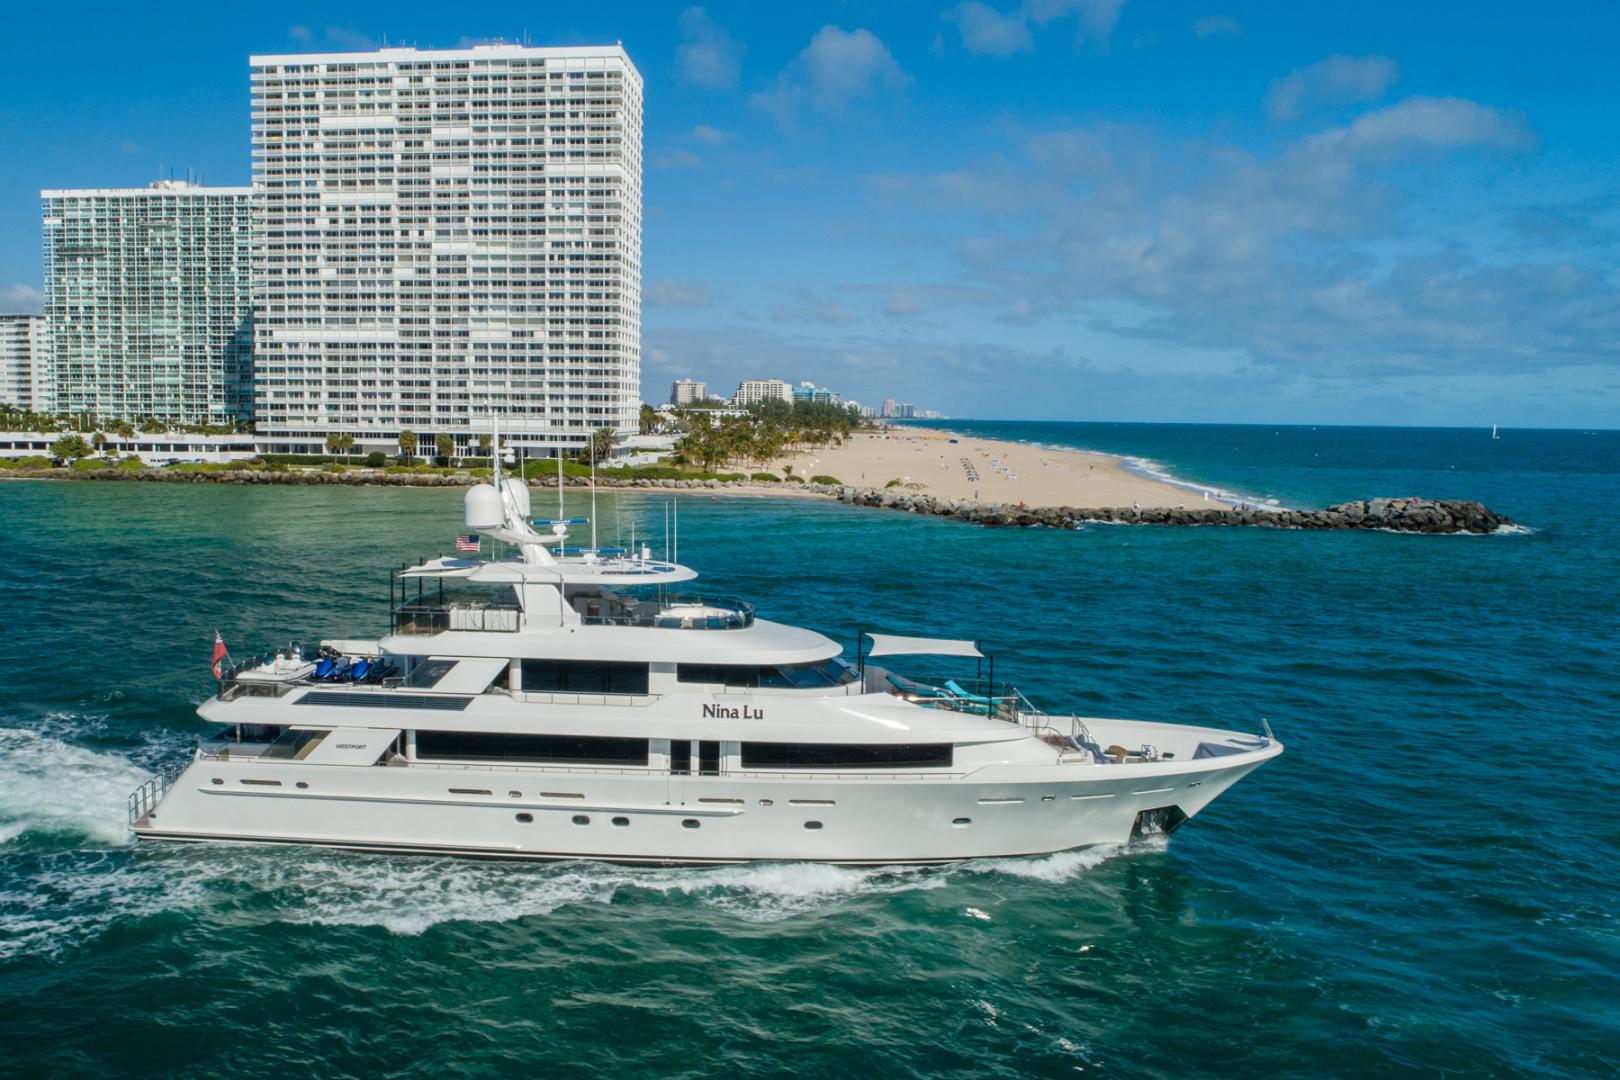 Westport-Westport 40 meter 2011-NINA LU Dania Beach-Florida-United States-1354302 | Thumbnail